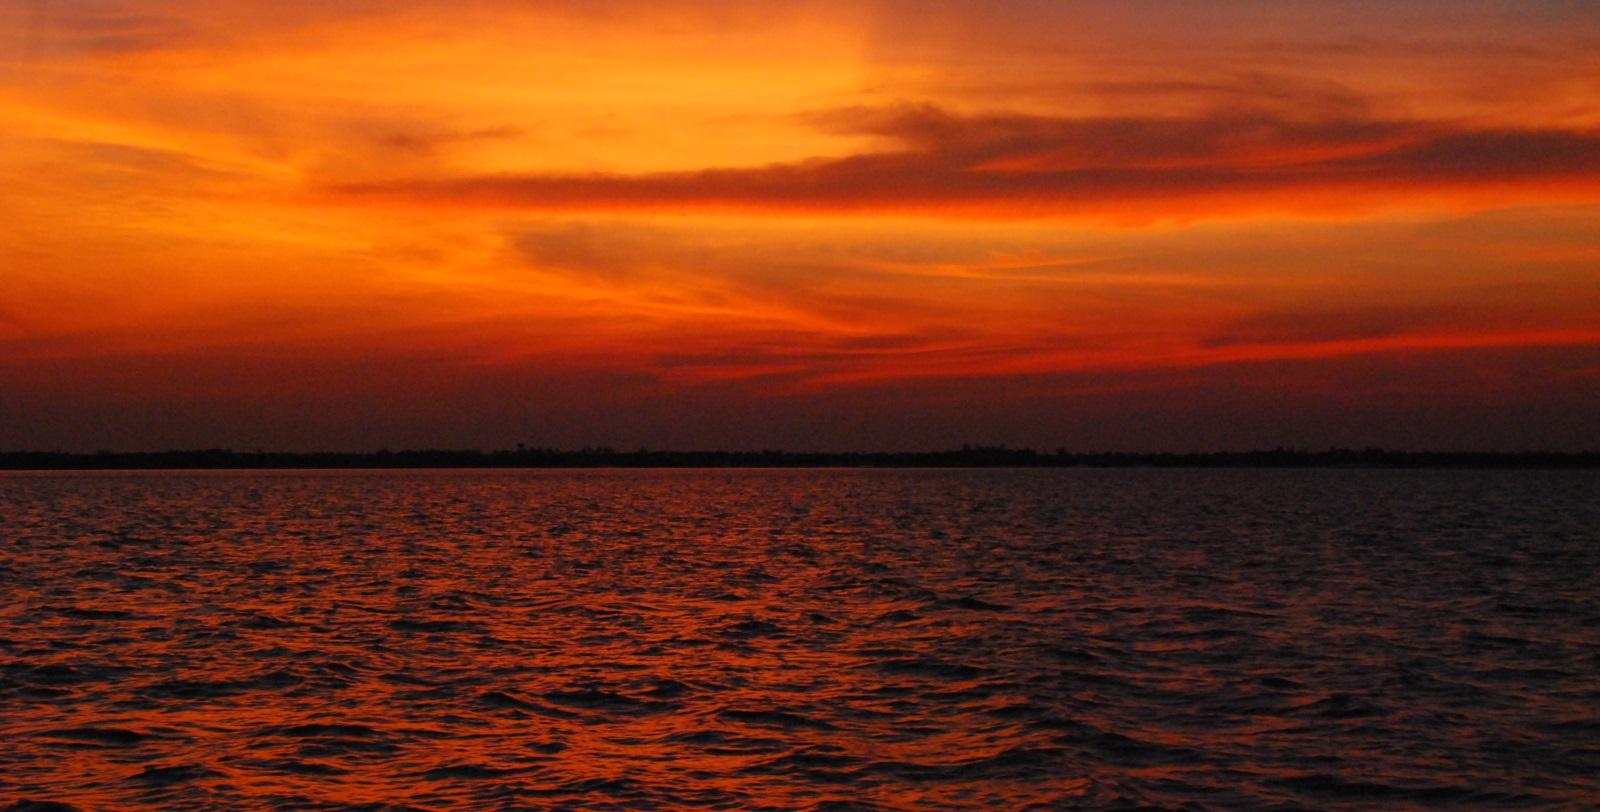 Sundarbans Sunset Chapter 6